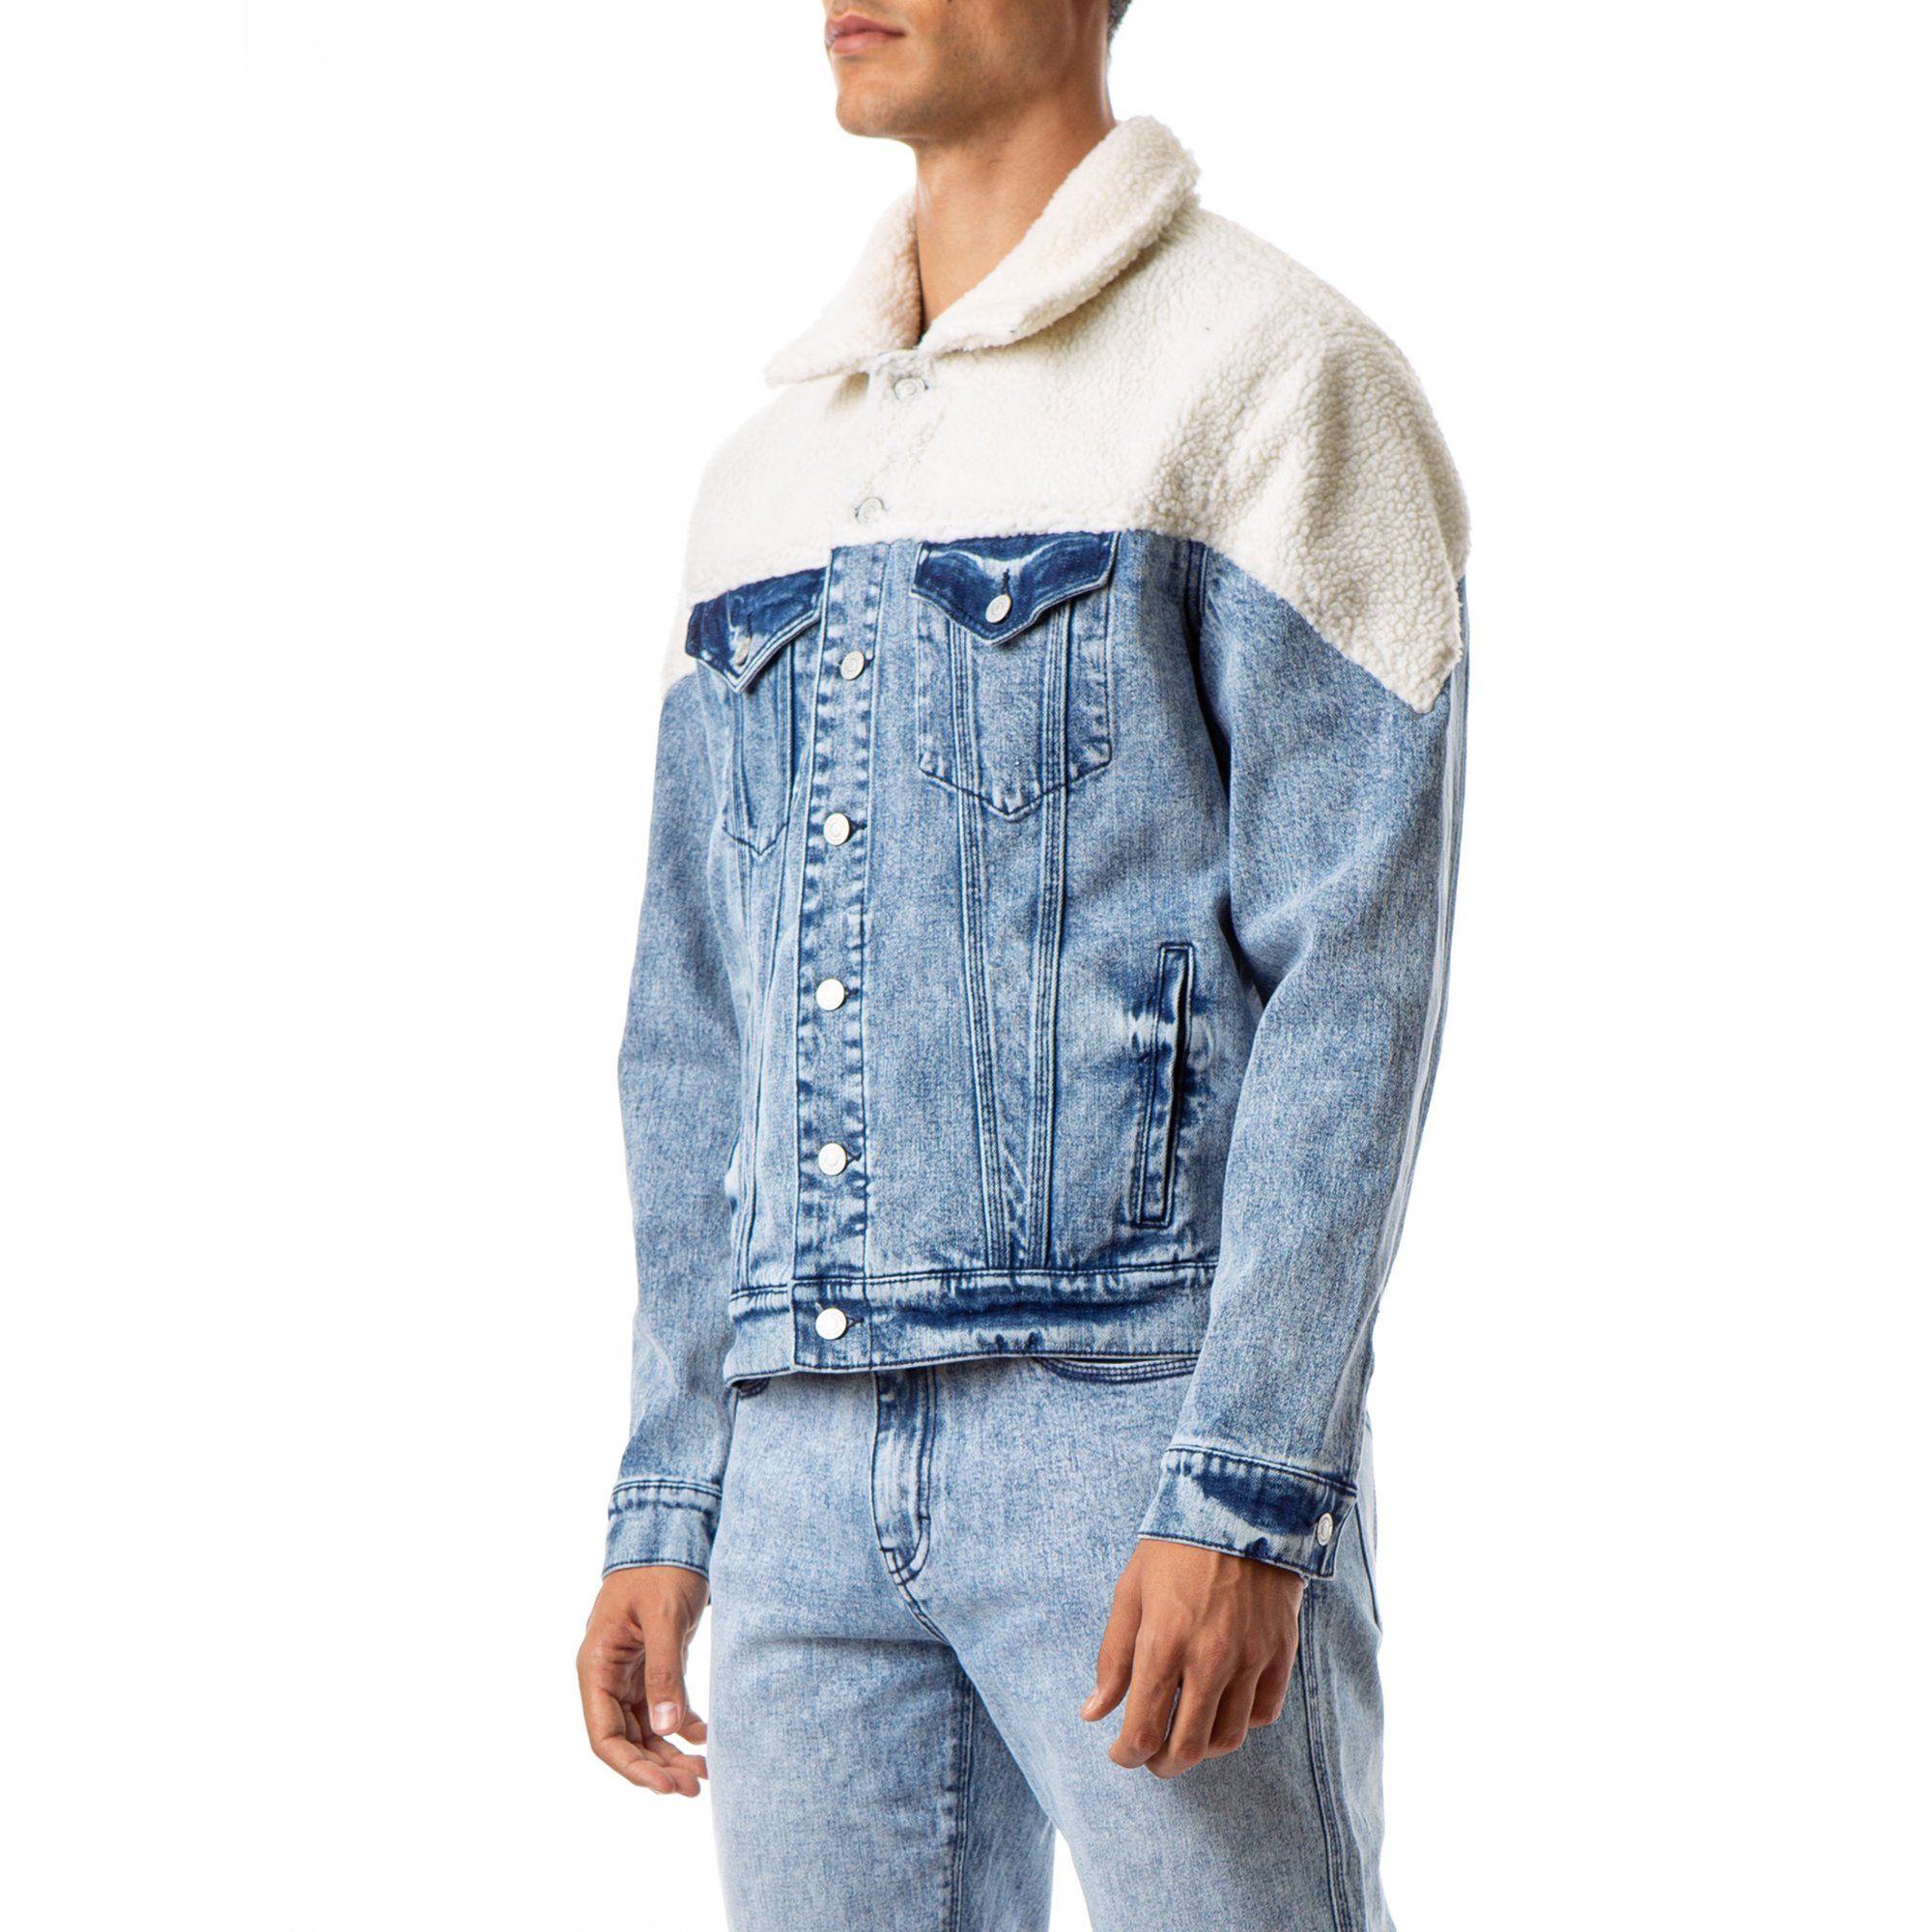 Jordache Vintage Men S Cameron Oversized Faux Sherpa Jacket Walmart Com In 2021 Faux Sherpa Jacket Denim Fashion Sherpa Jacket [ 2000 x 2000 Pixel ]